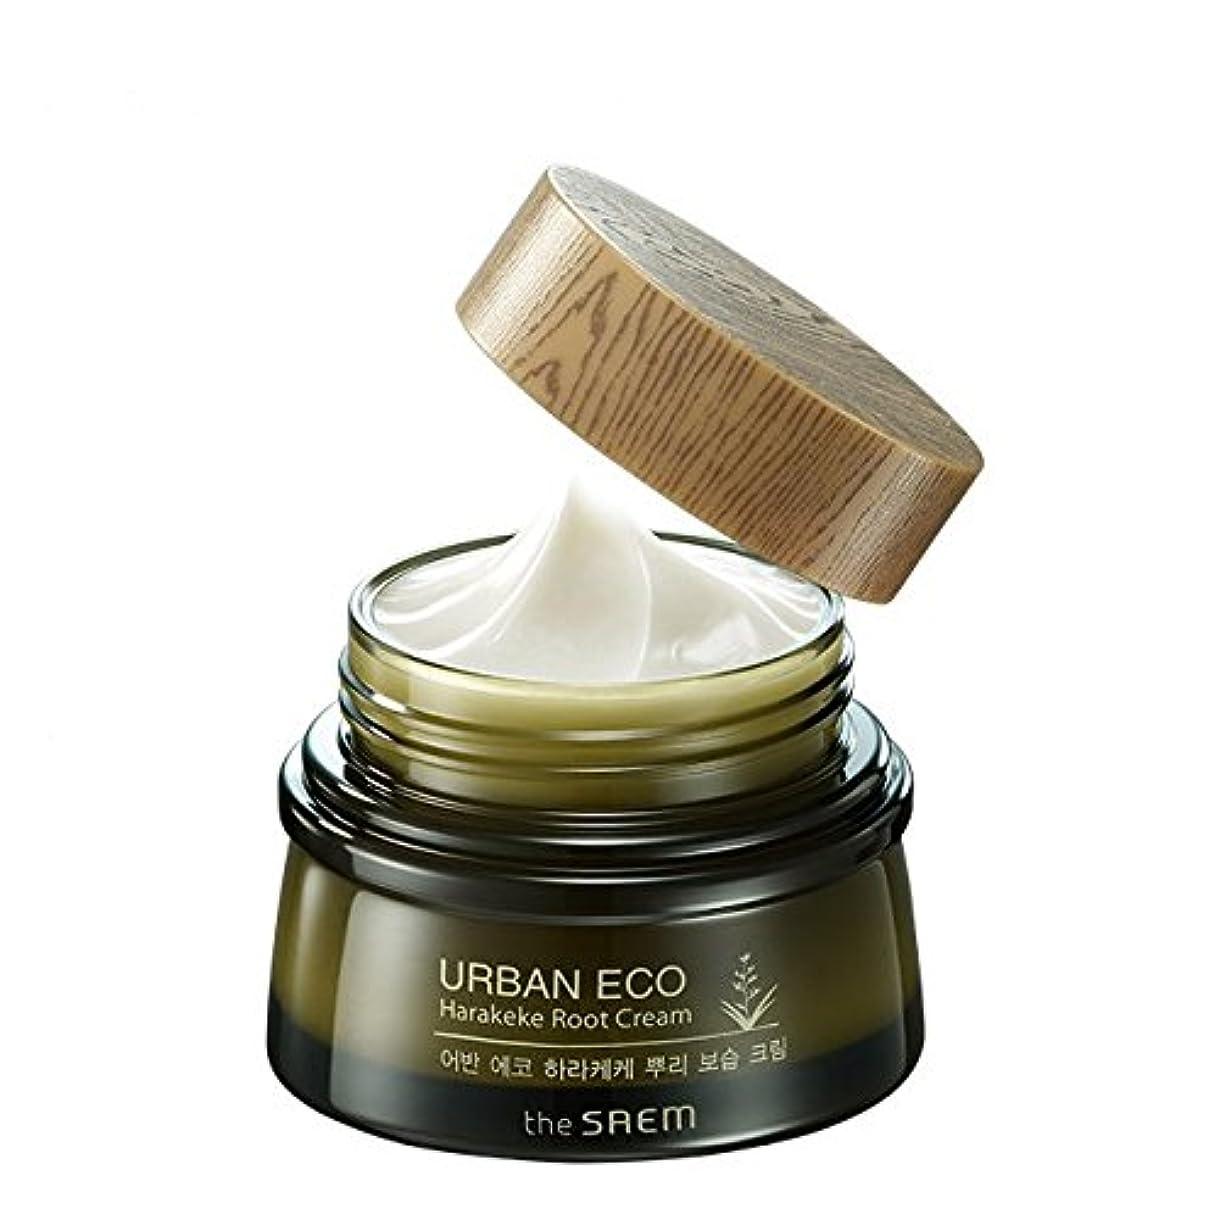 液化するバンド継続中[ザセム] The Saem [アーバンエコ ハラケケ 根保湿クリーム60ml (The Saem Urban Eco Harakeke Root Cream60ml)